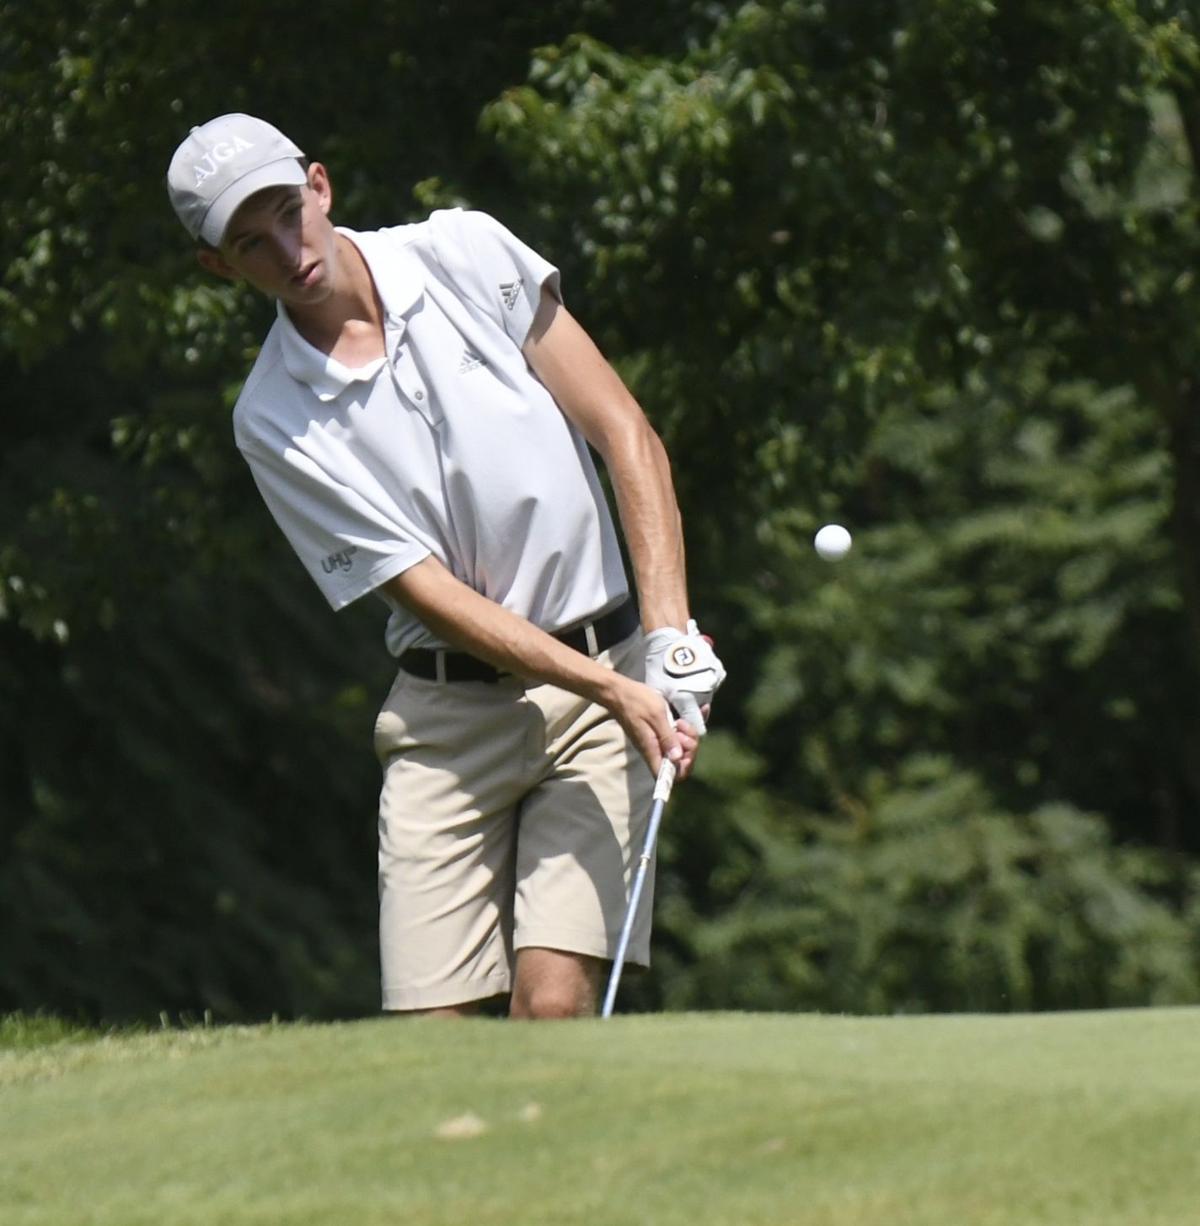 Metropolitan Amateur Golf Association's 20th Junior Amateur Championship at St. Clair Country Club